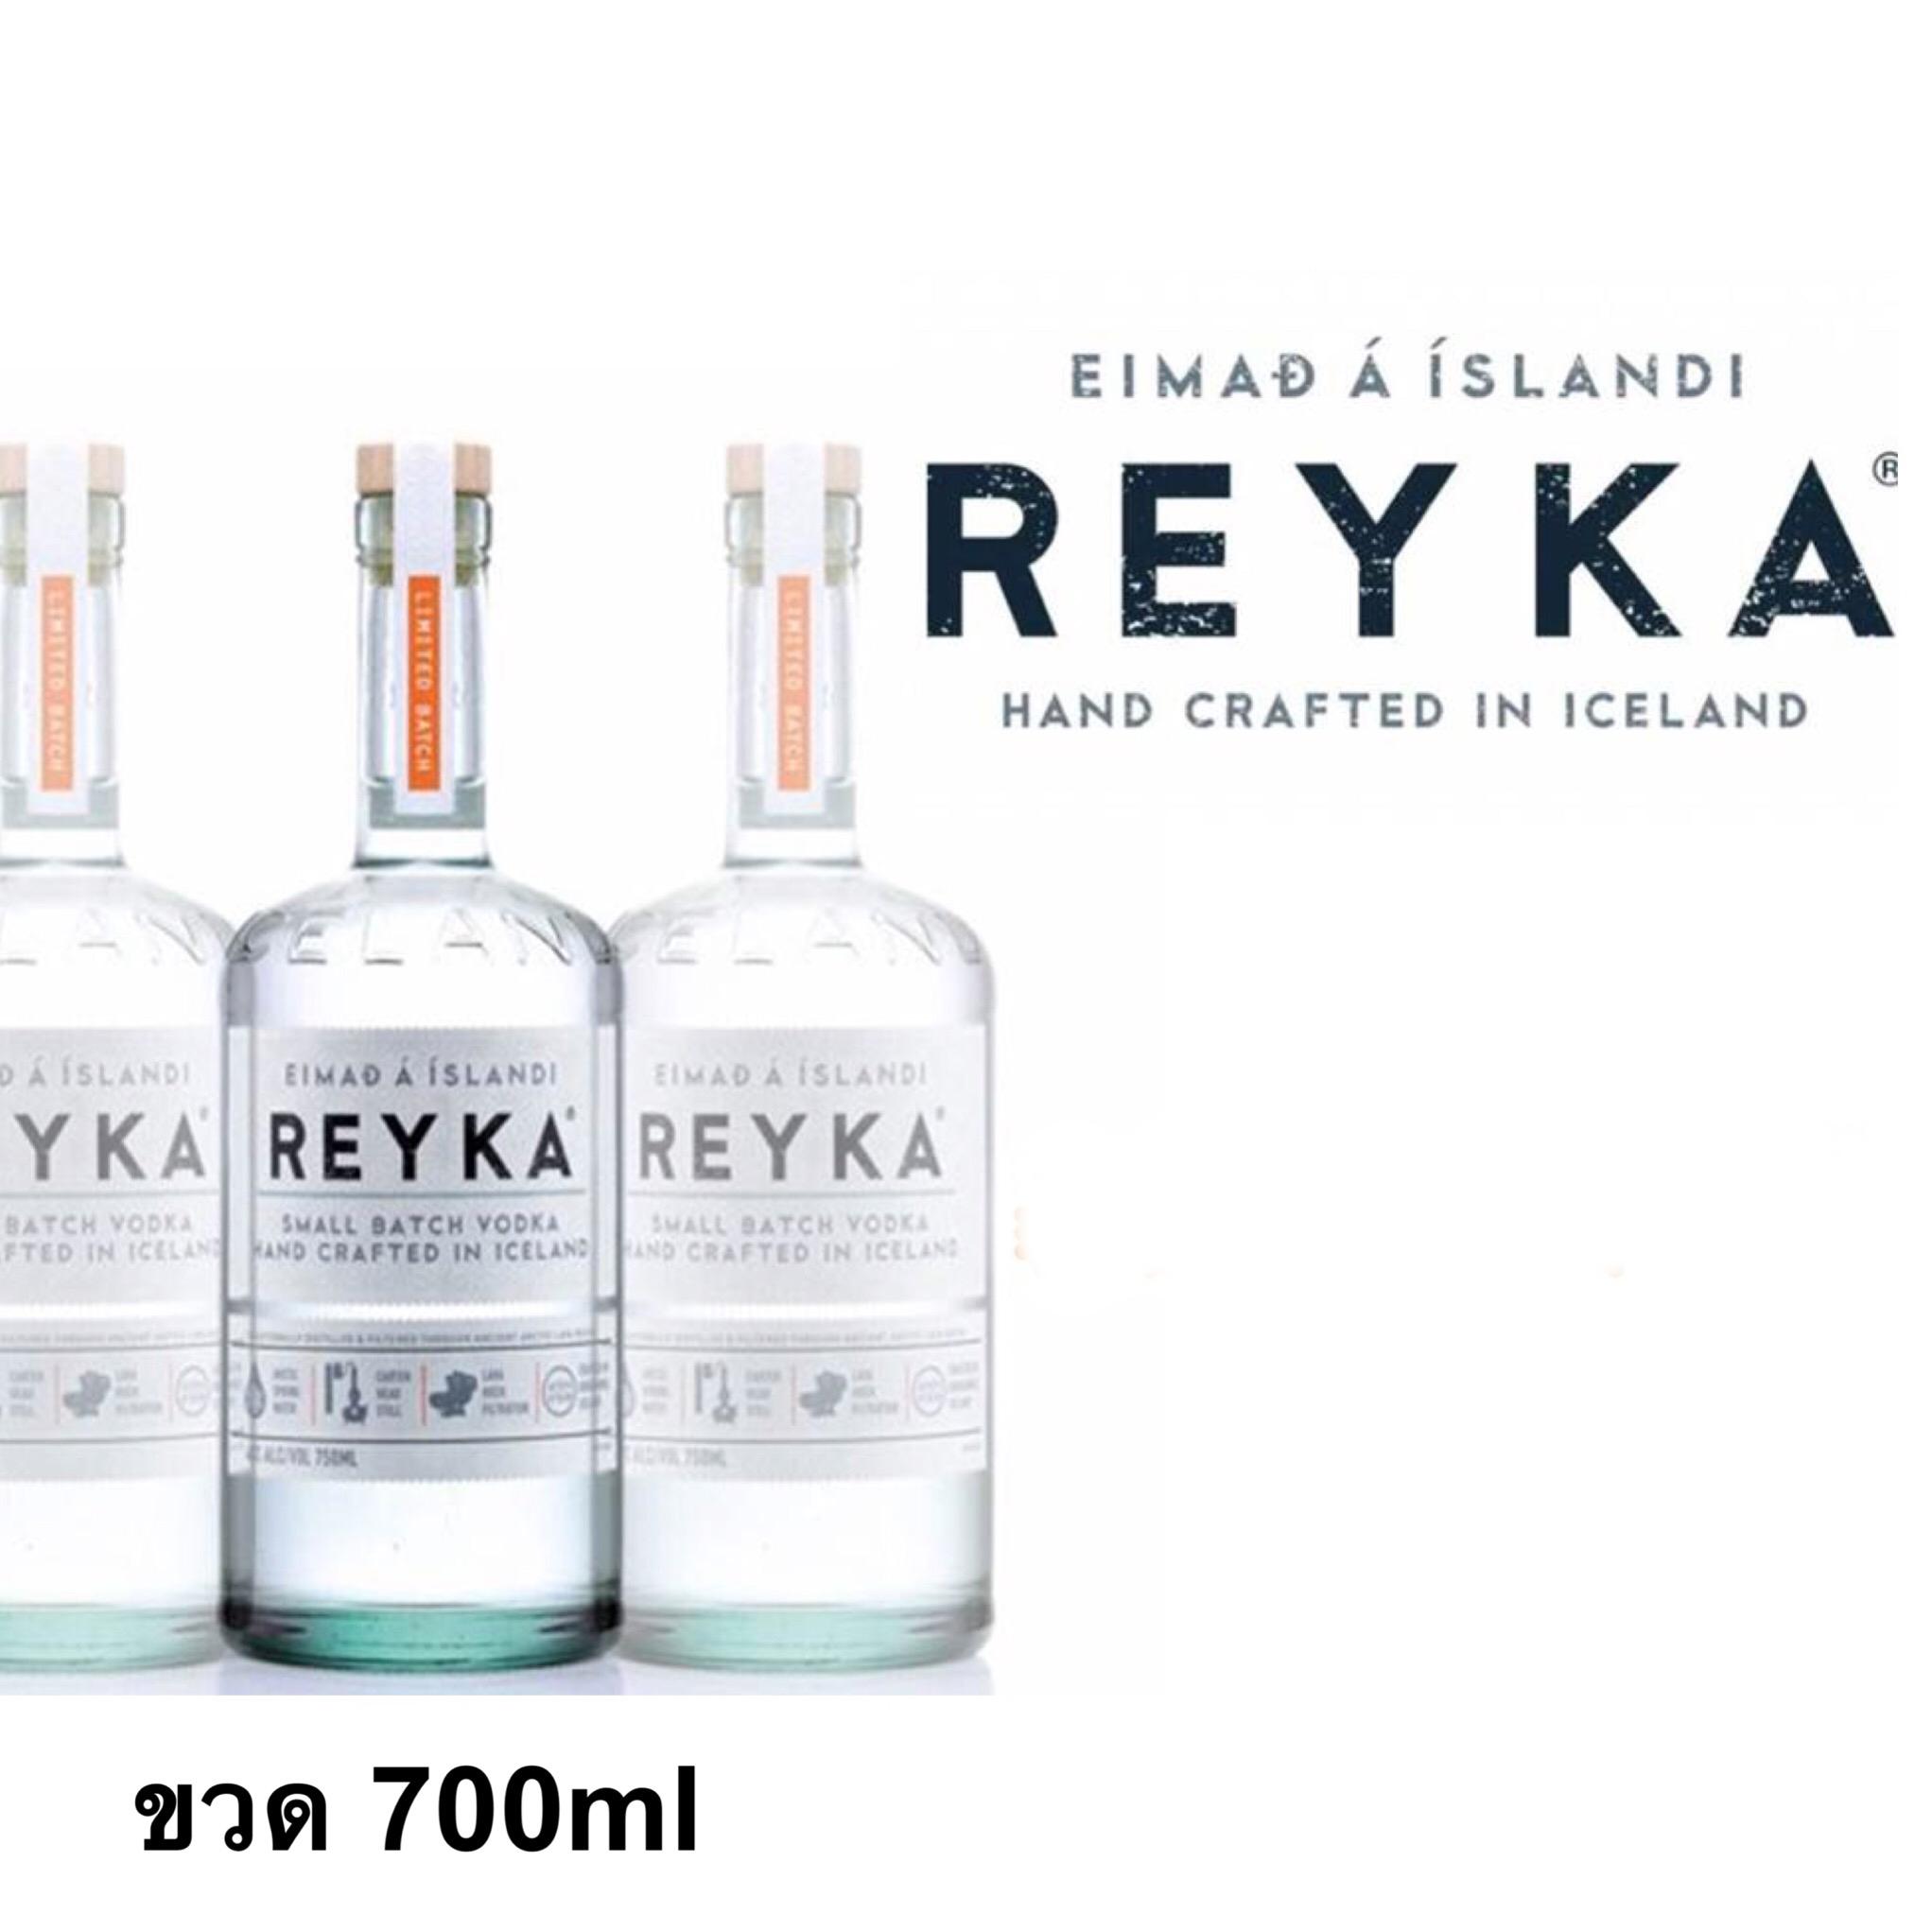 Reyka 700ml